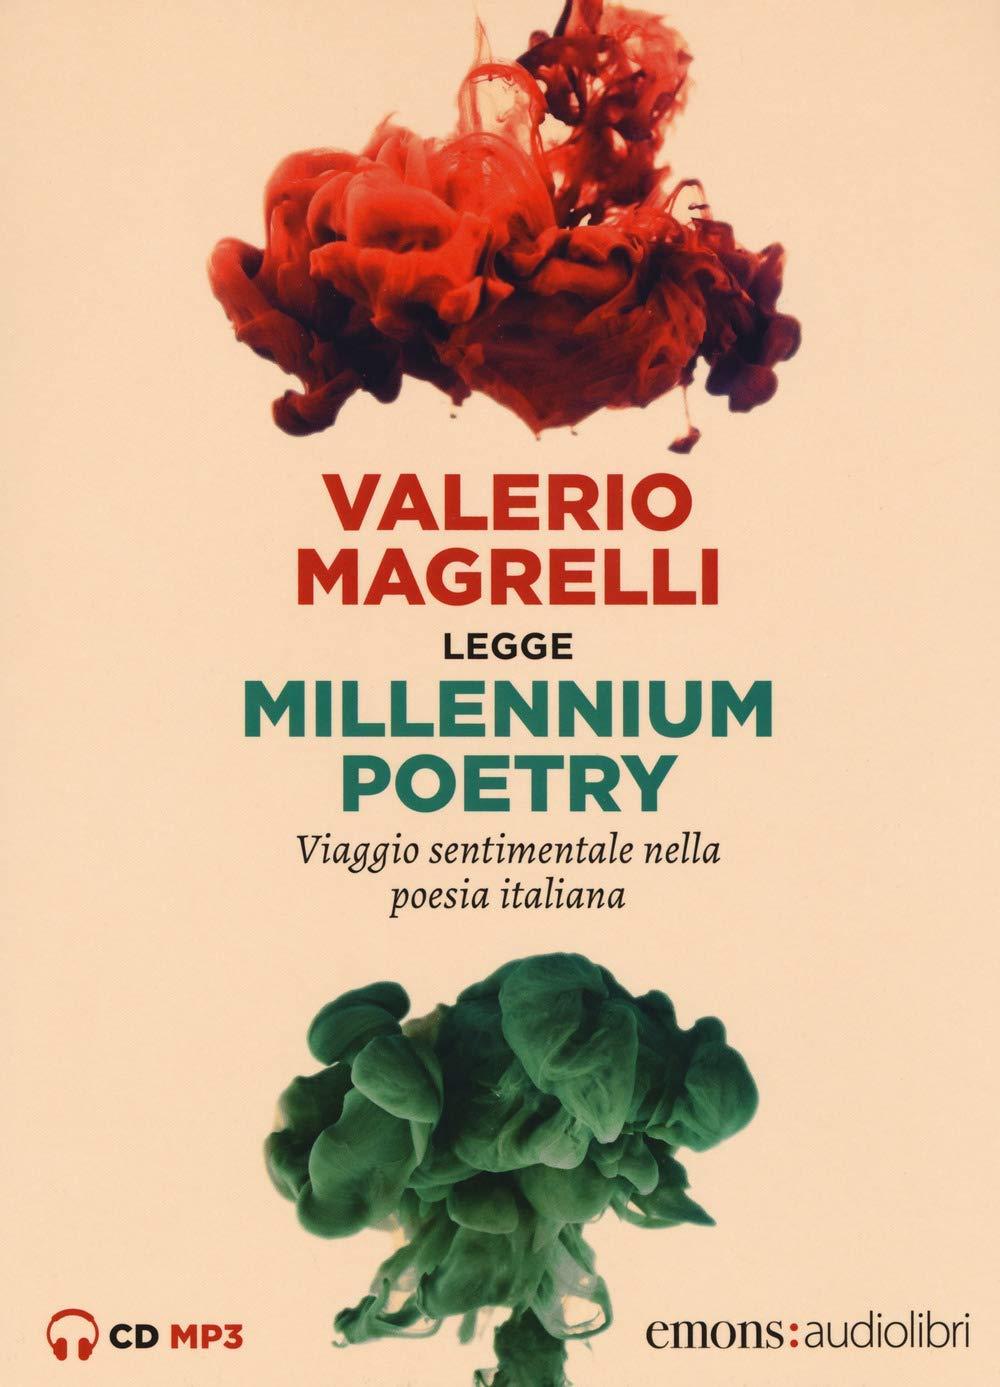 Audiolibro Valerio Magrelli - Magrelli, Valerio (Audiolibro) NUOVO SIGILLATO, EDIZIONE DEL 13/09/2018 SUBITO DISPONIBILE